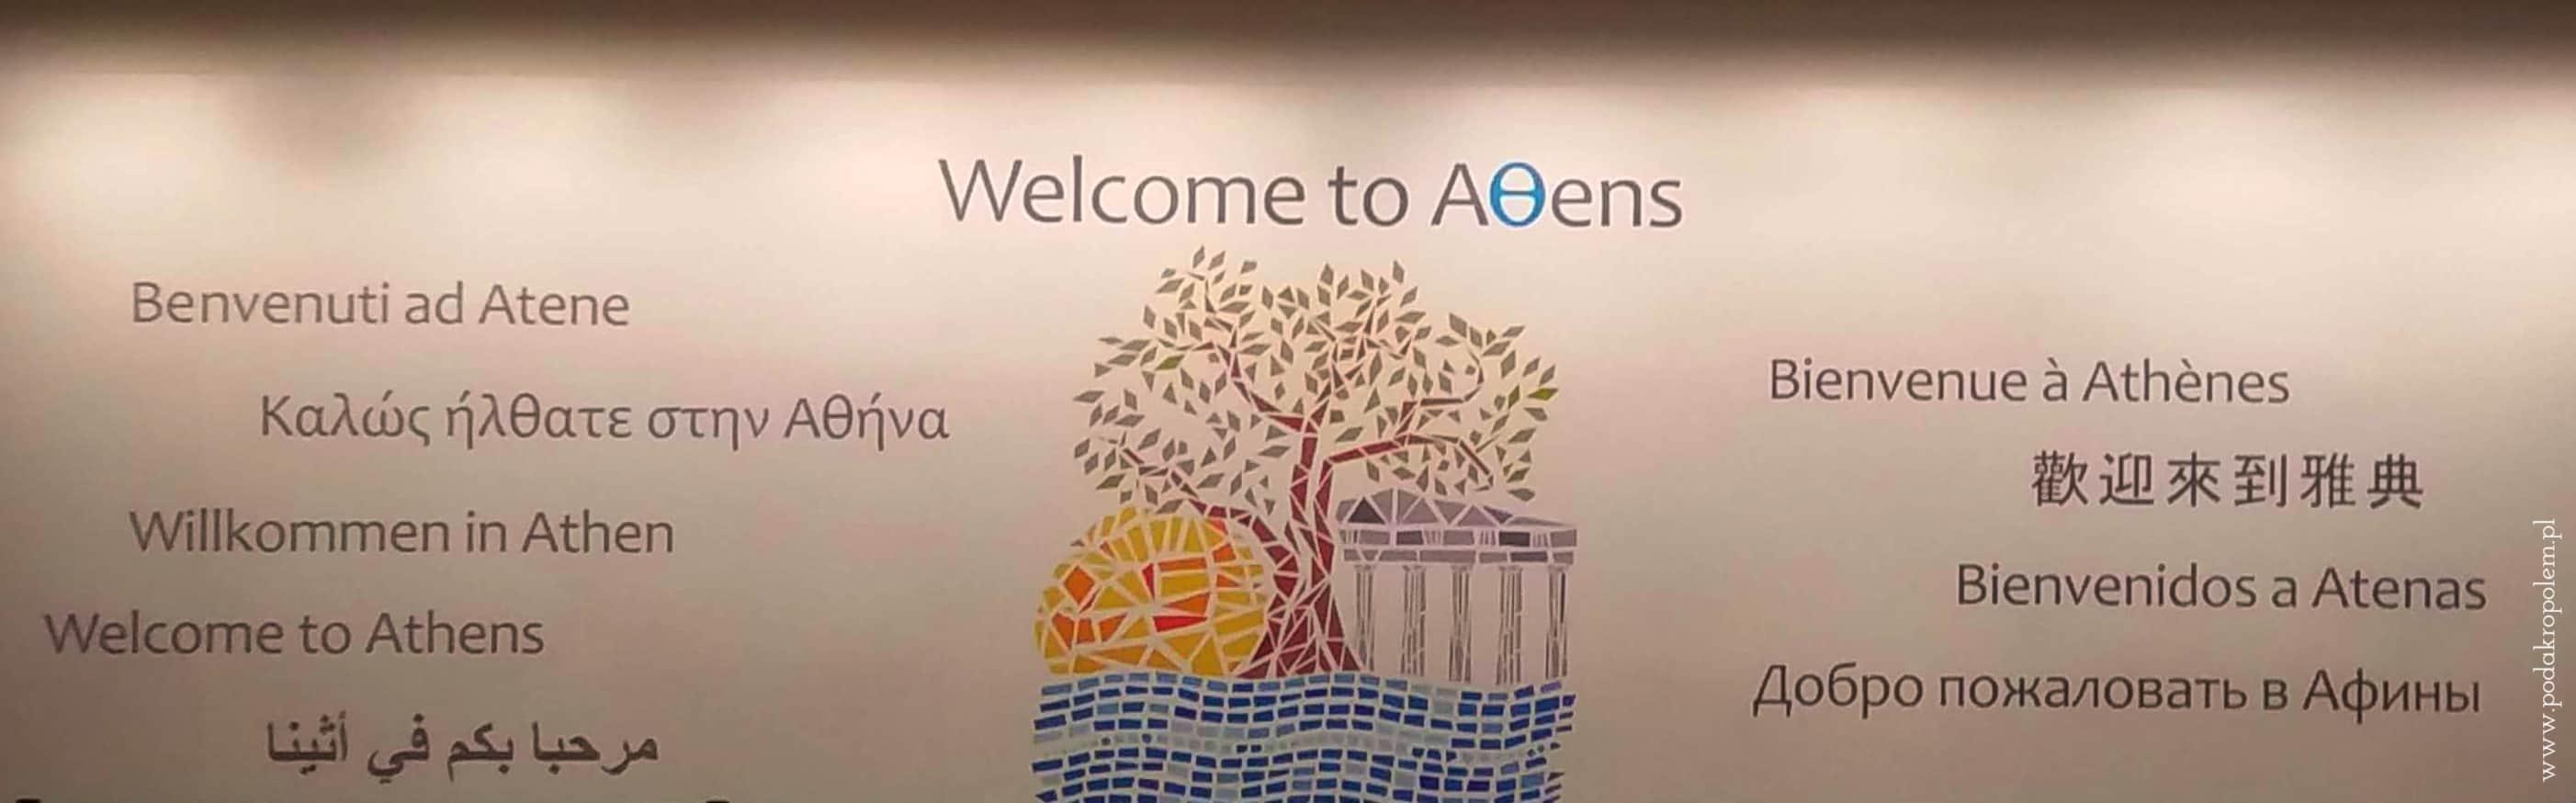 witaj w Atenach